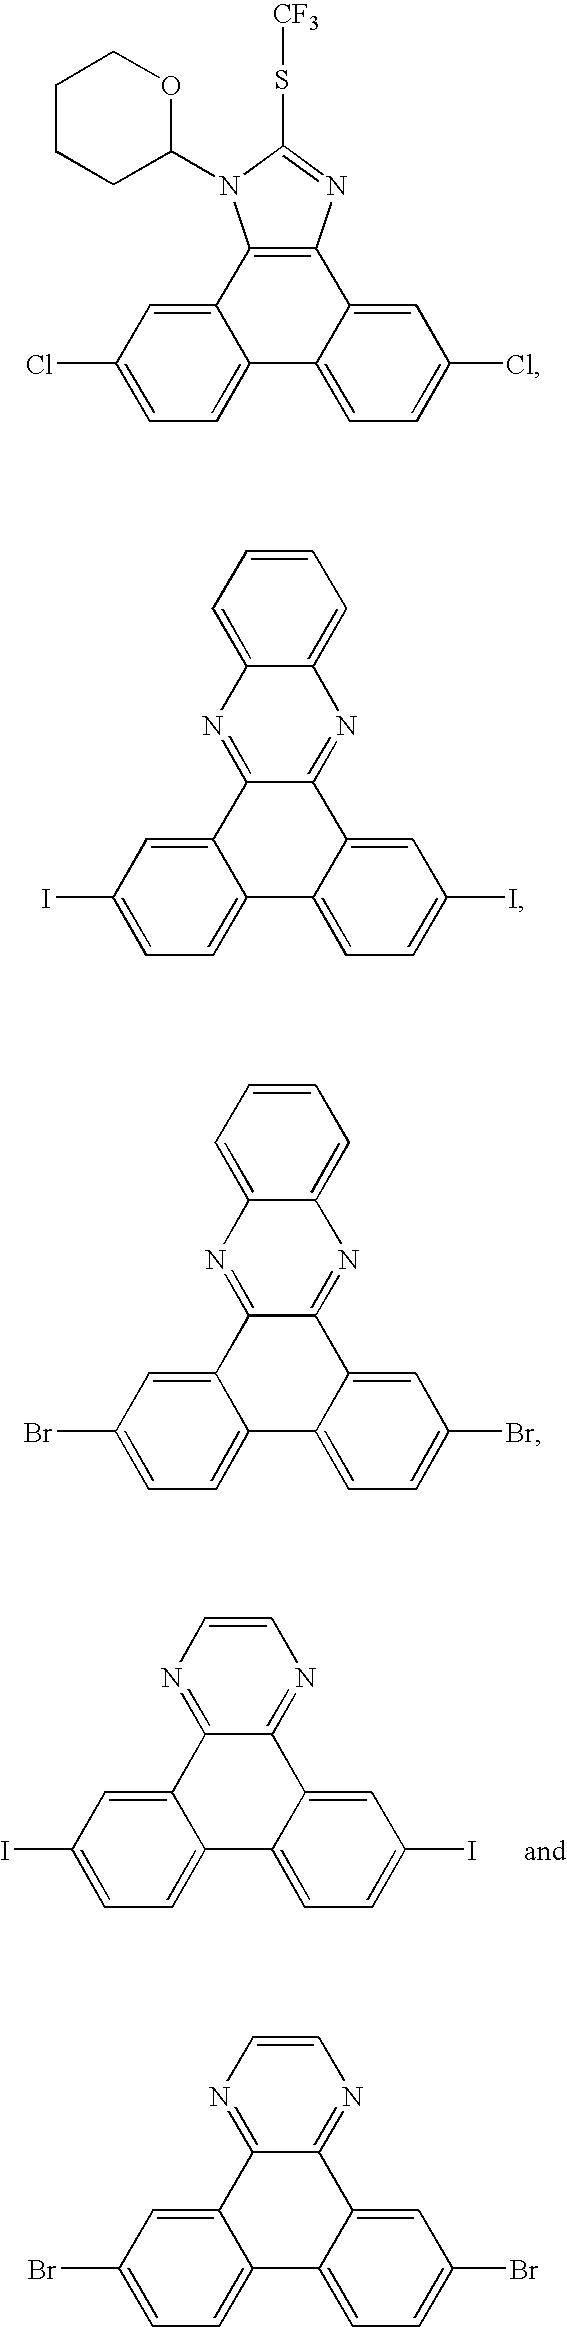 Figure US20090105447A1-20090423-C00092